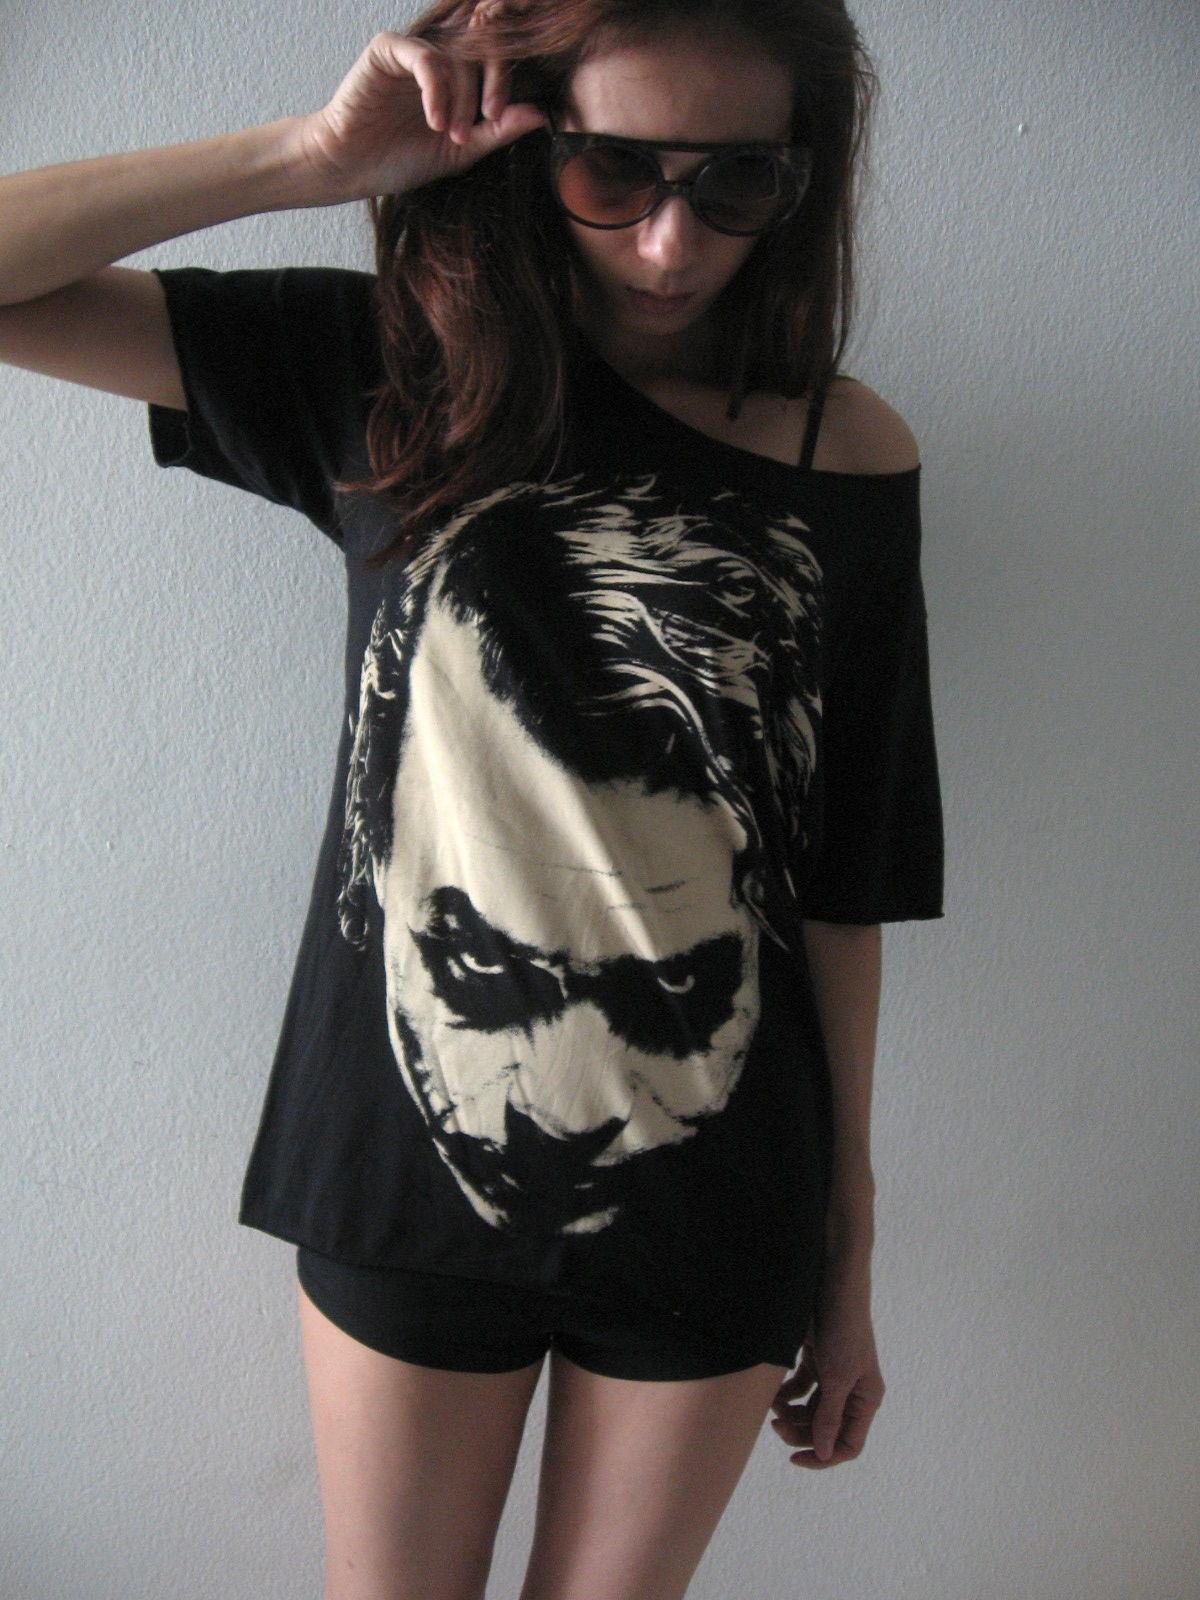 joker_vintage_pop_rock_hand_cut_t_shirt_m_t_shirts_3.JPG